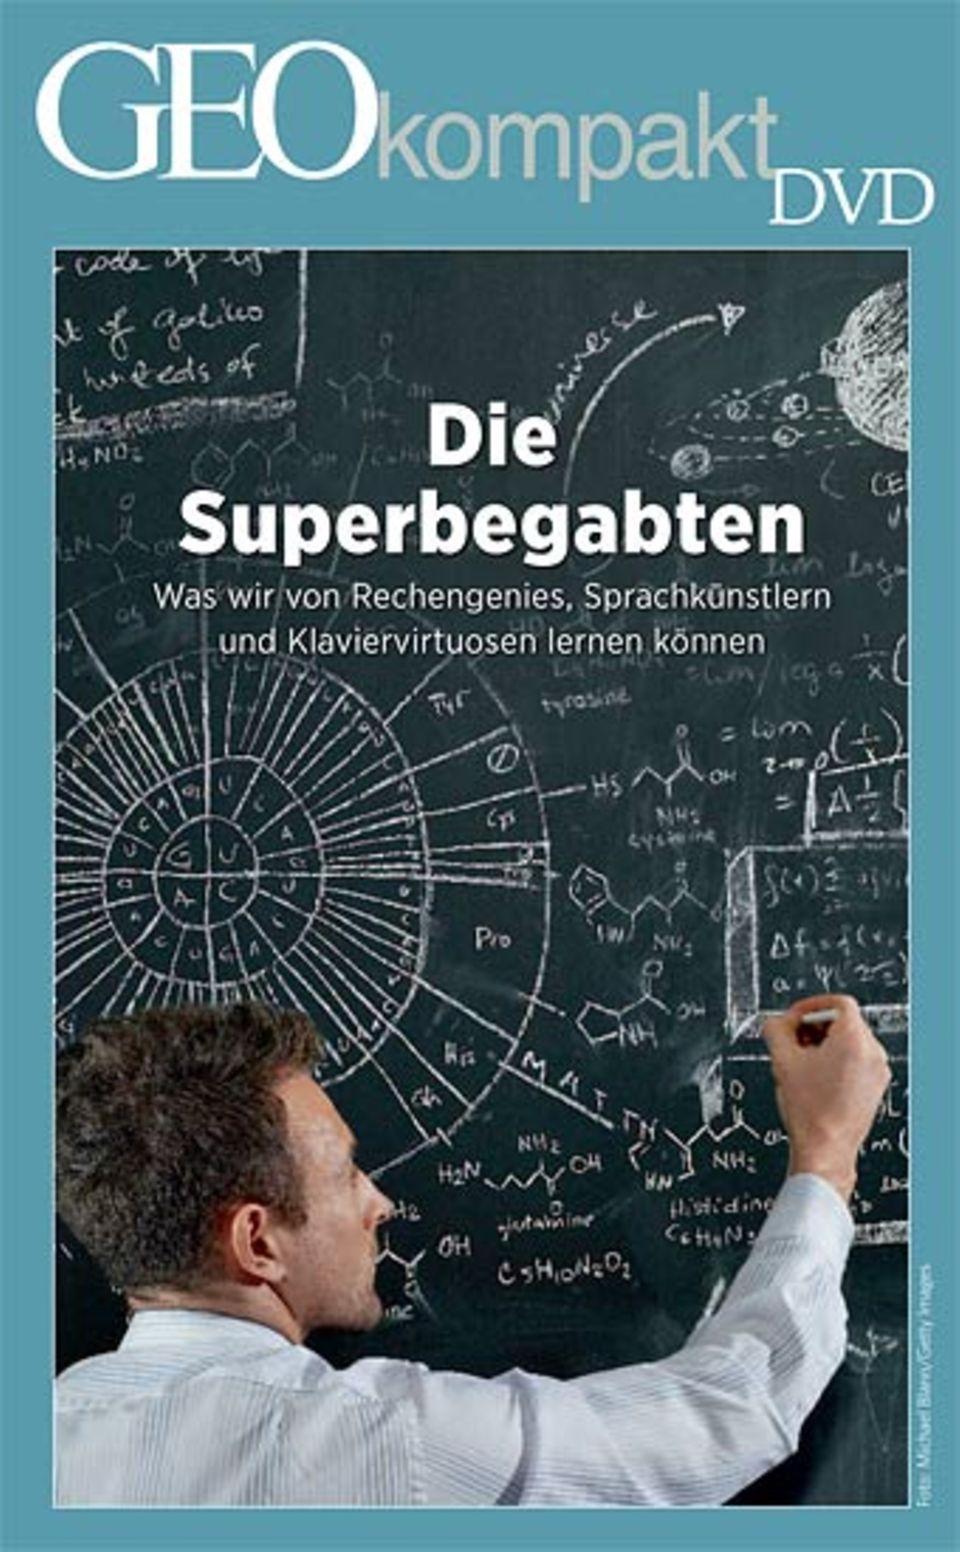 """GEOkompakt Nr. 28 """"Intelligenz, Begabung, Kreativität"""" ist auch mit DVD erhältlich"""